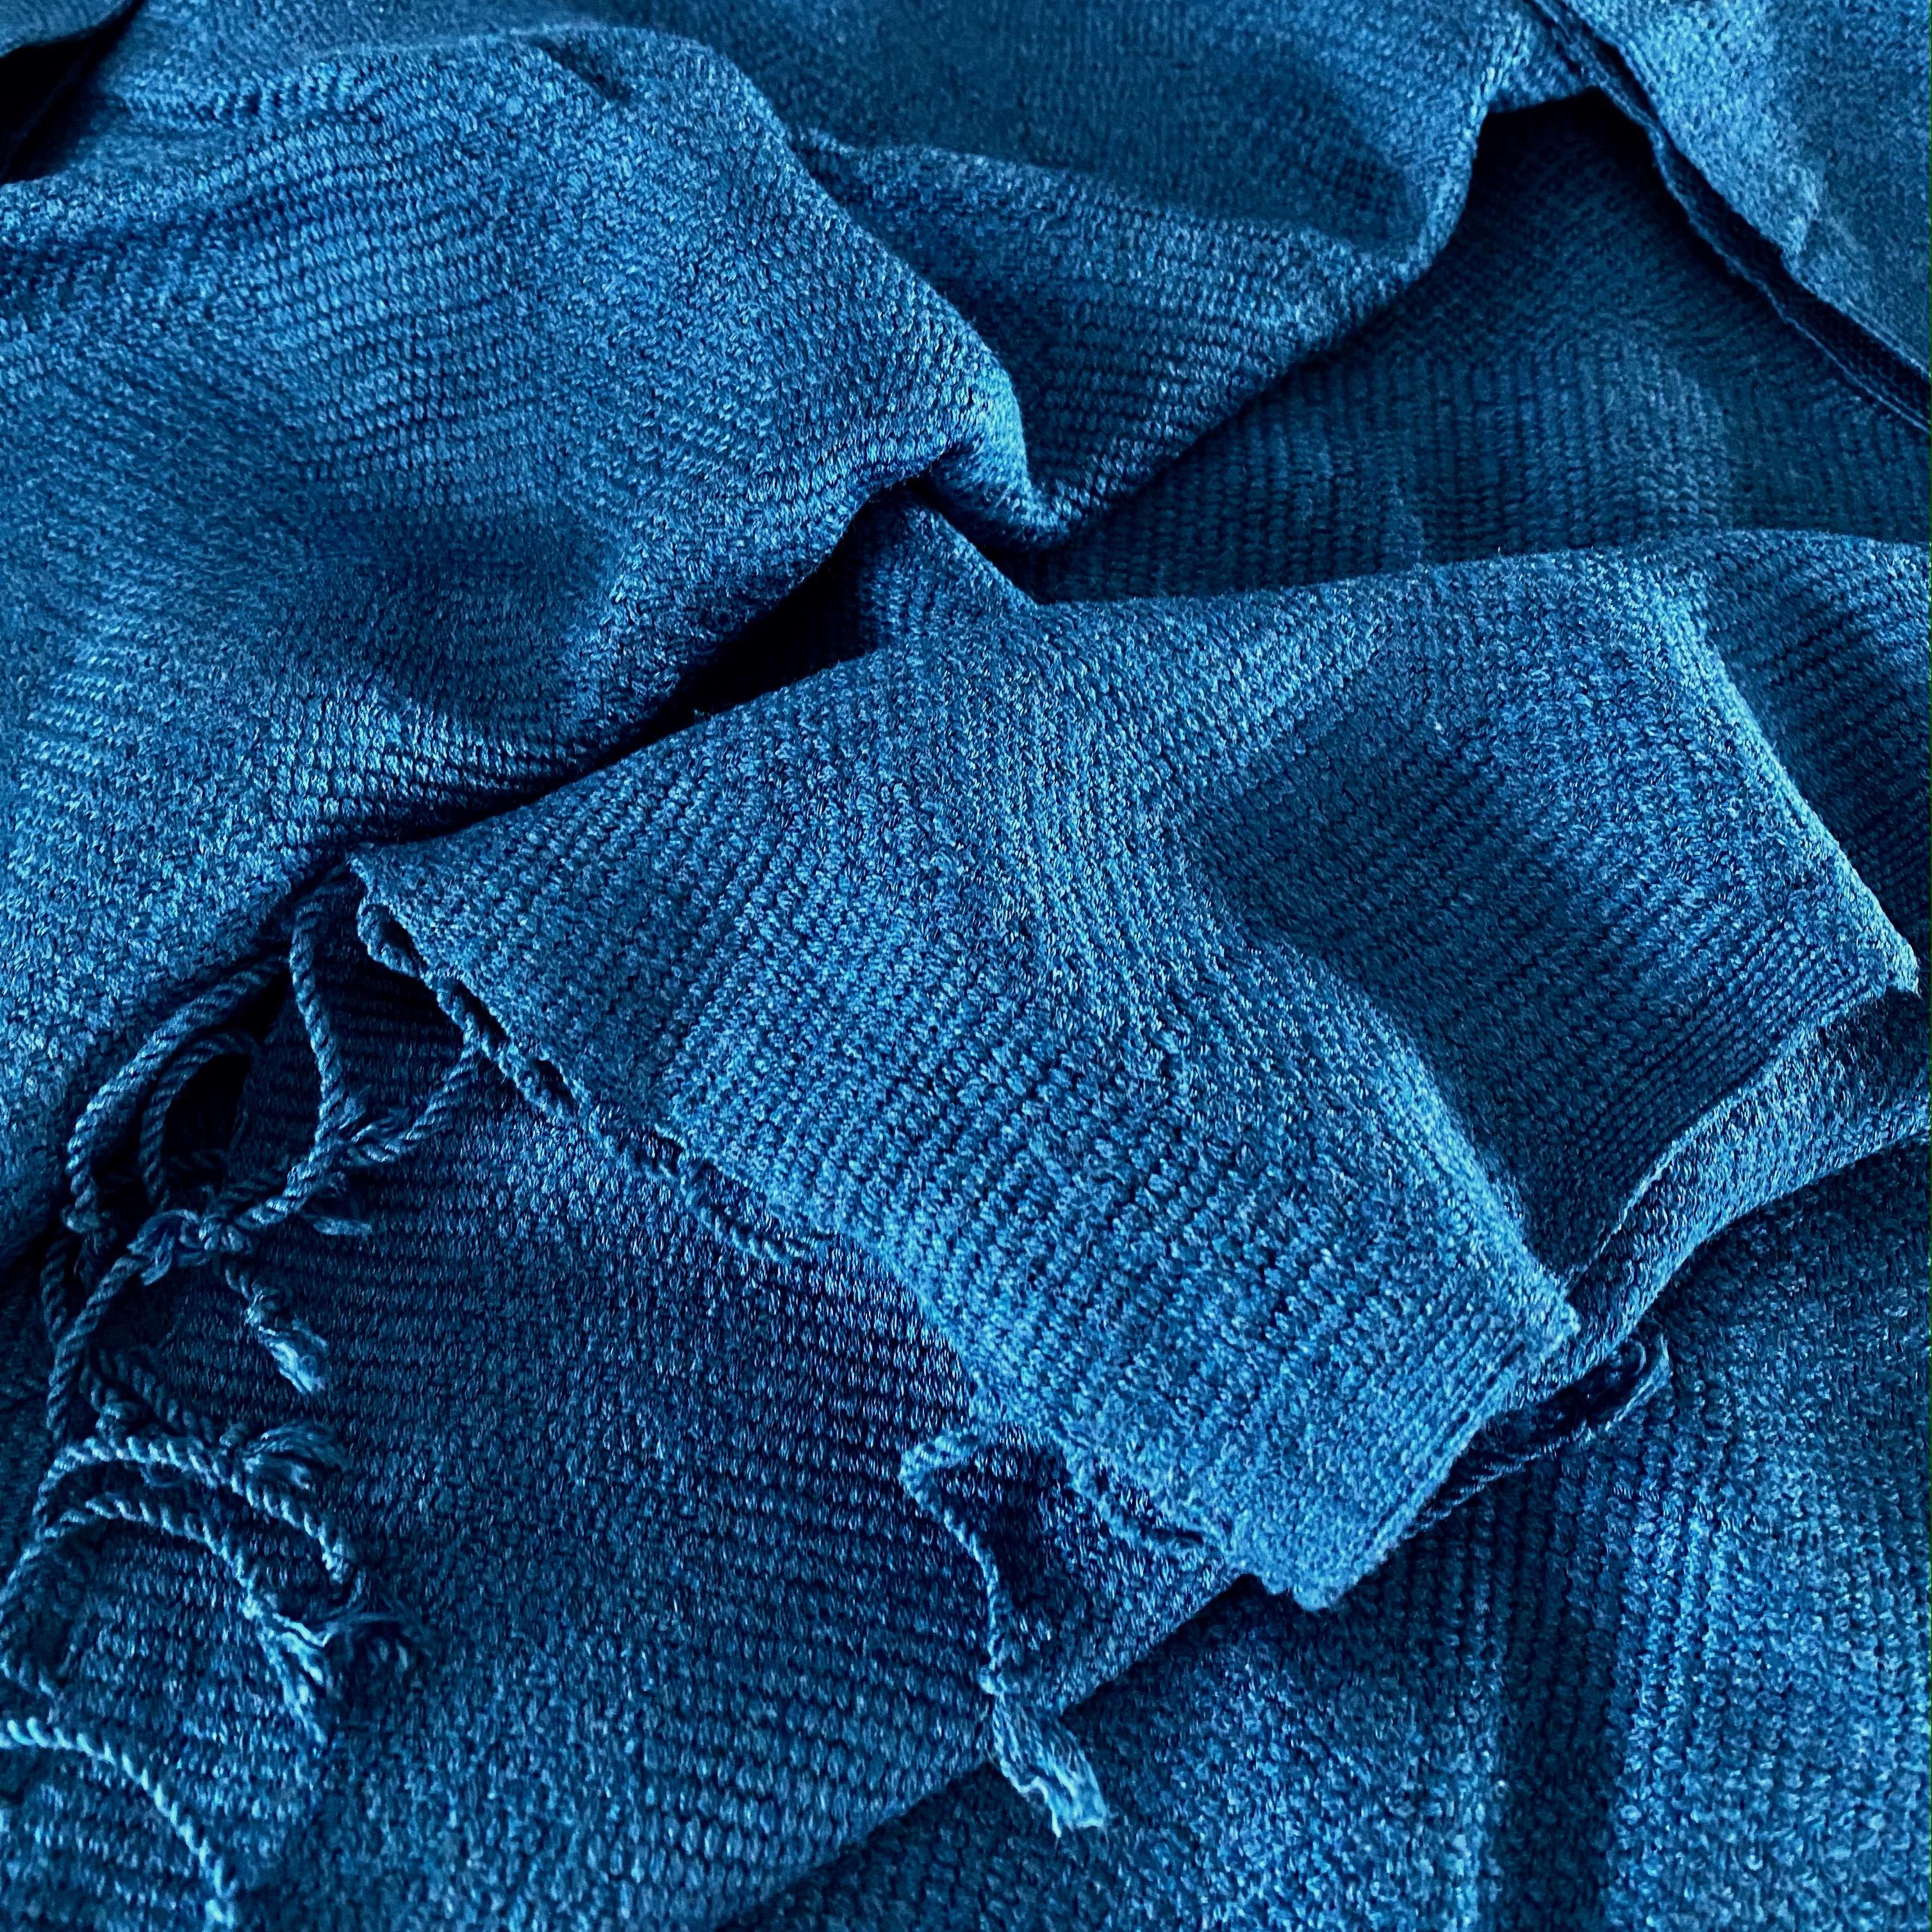 Jeansblauwe sjaal in diamantpatroon